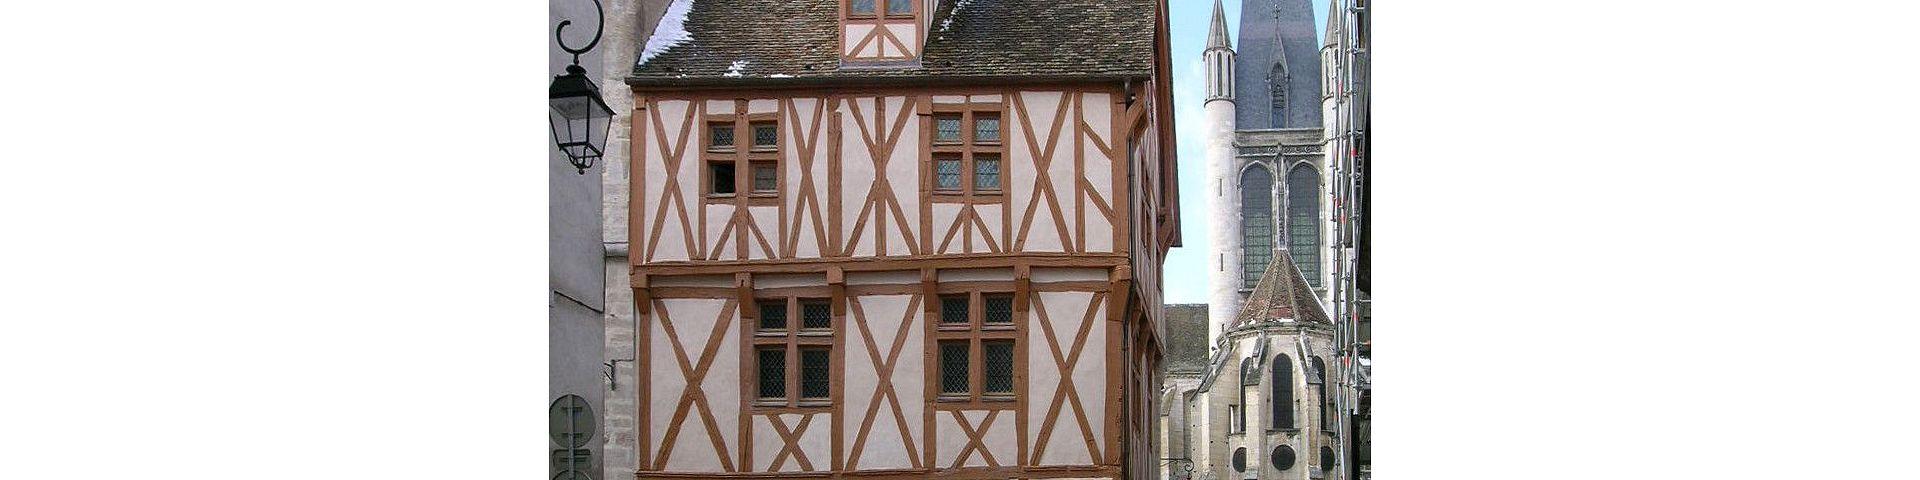 Dijon - Maison à Pan de Bois (21)